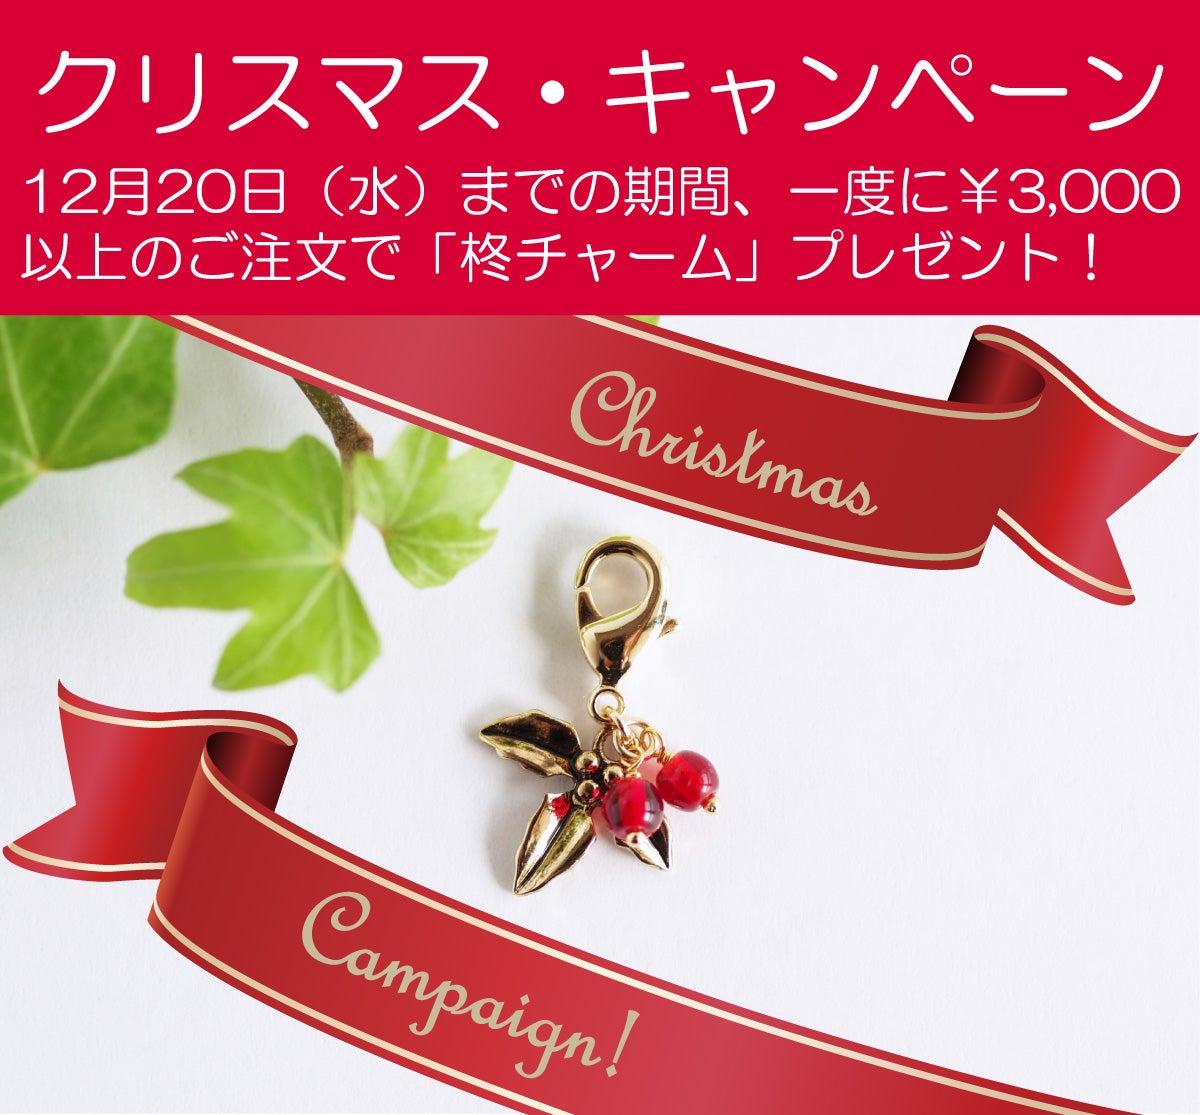 クリスマスキャンペーン・バナー